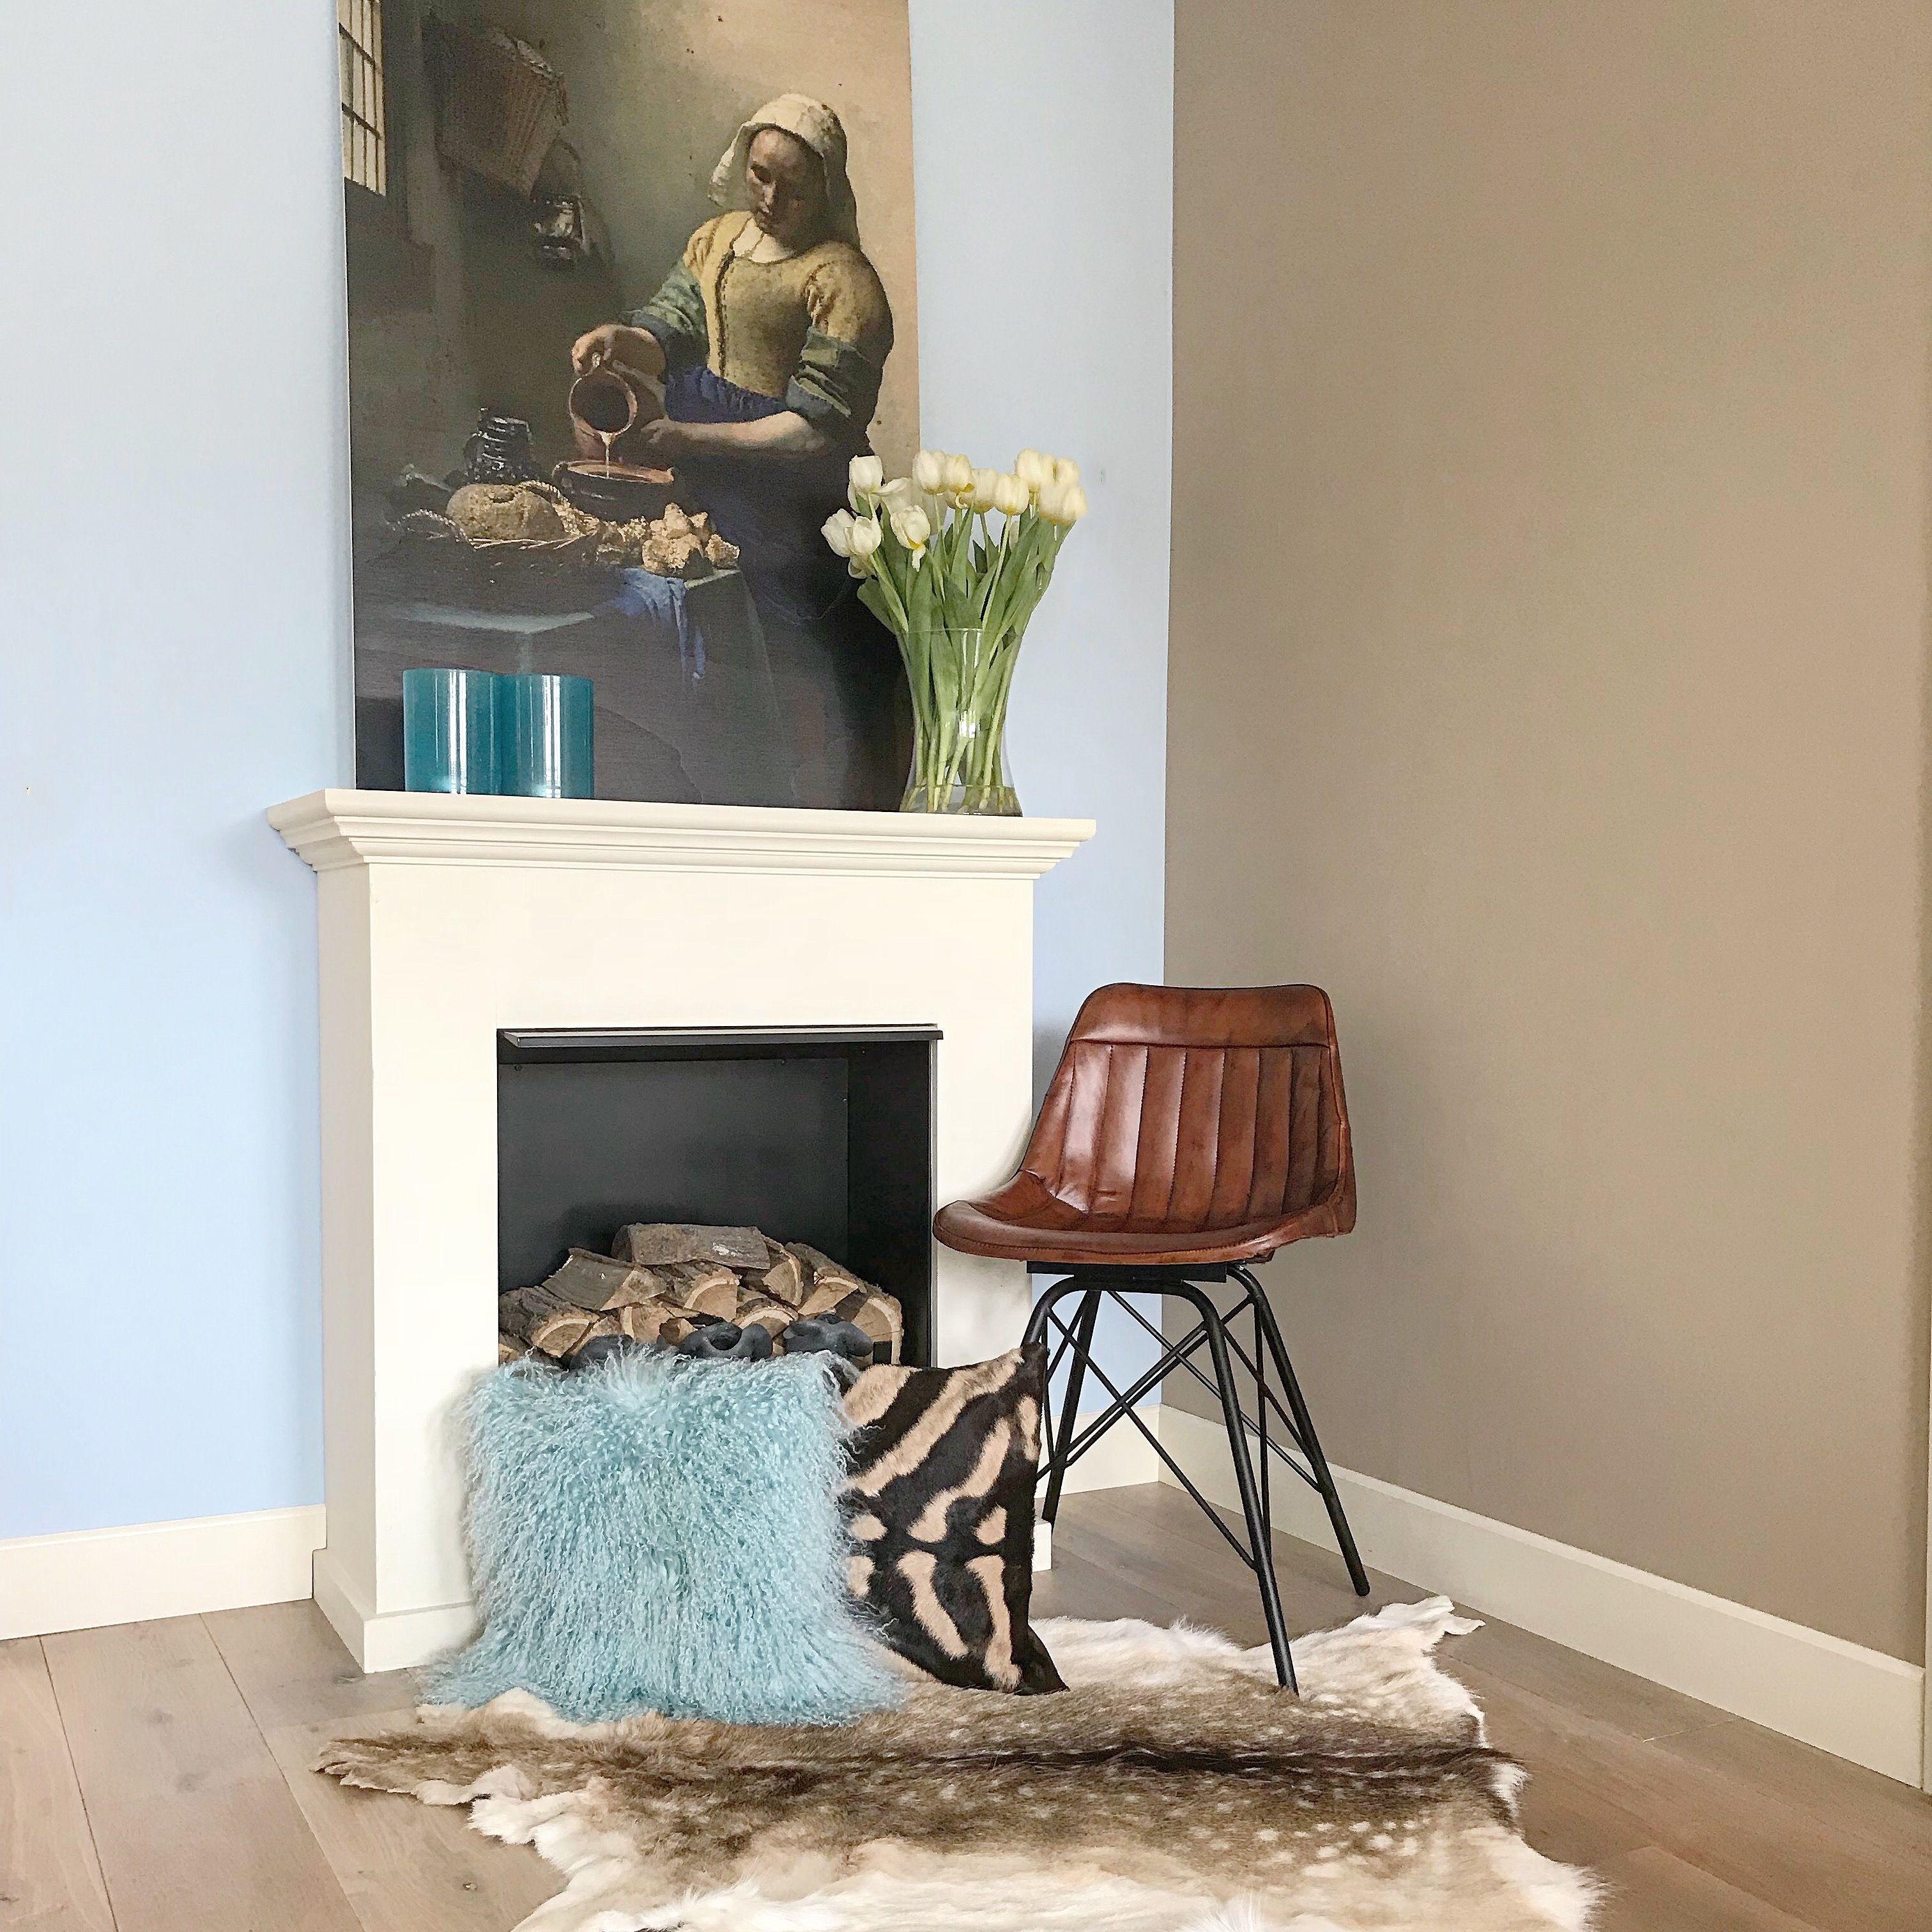 Muur Decoratie Melkmeisje Vermeer Voor Binnen En Buiten Geschikt Woonkamer Decoratie Decoratie Thuisdecoratie